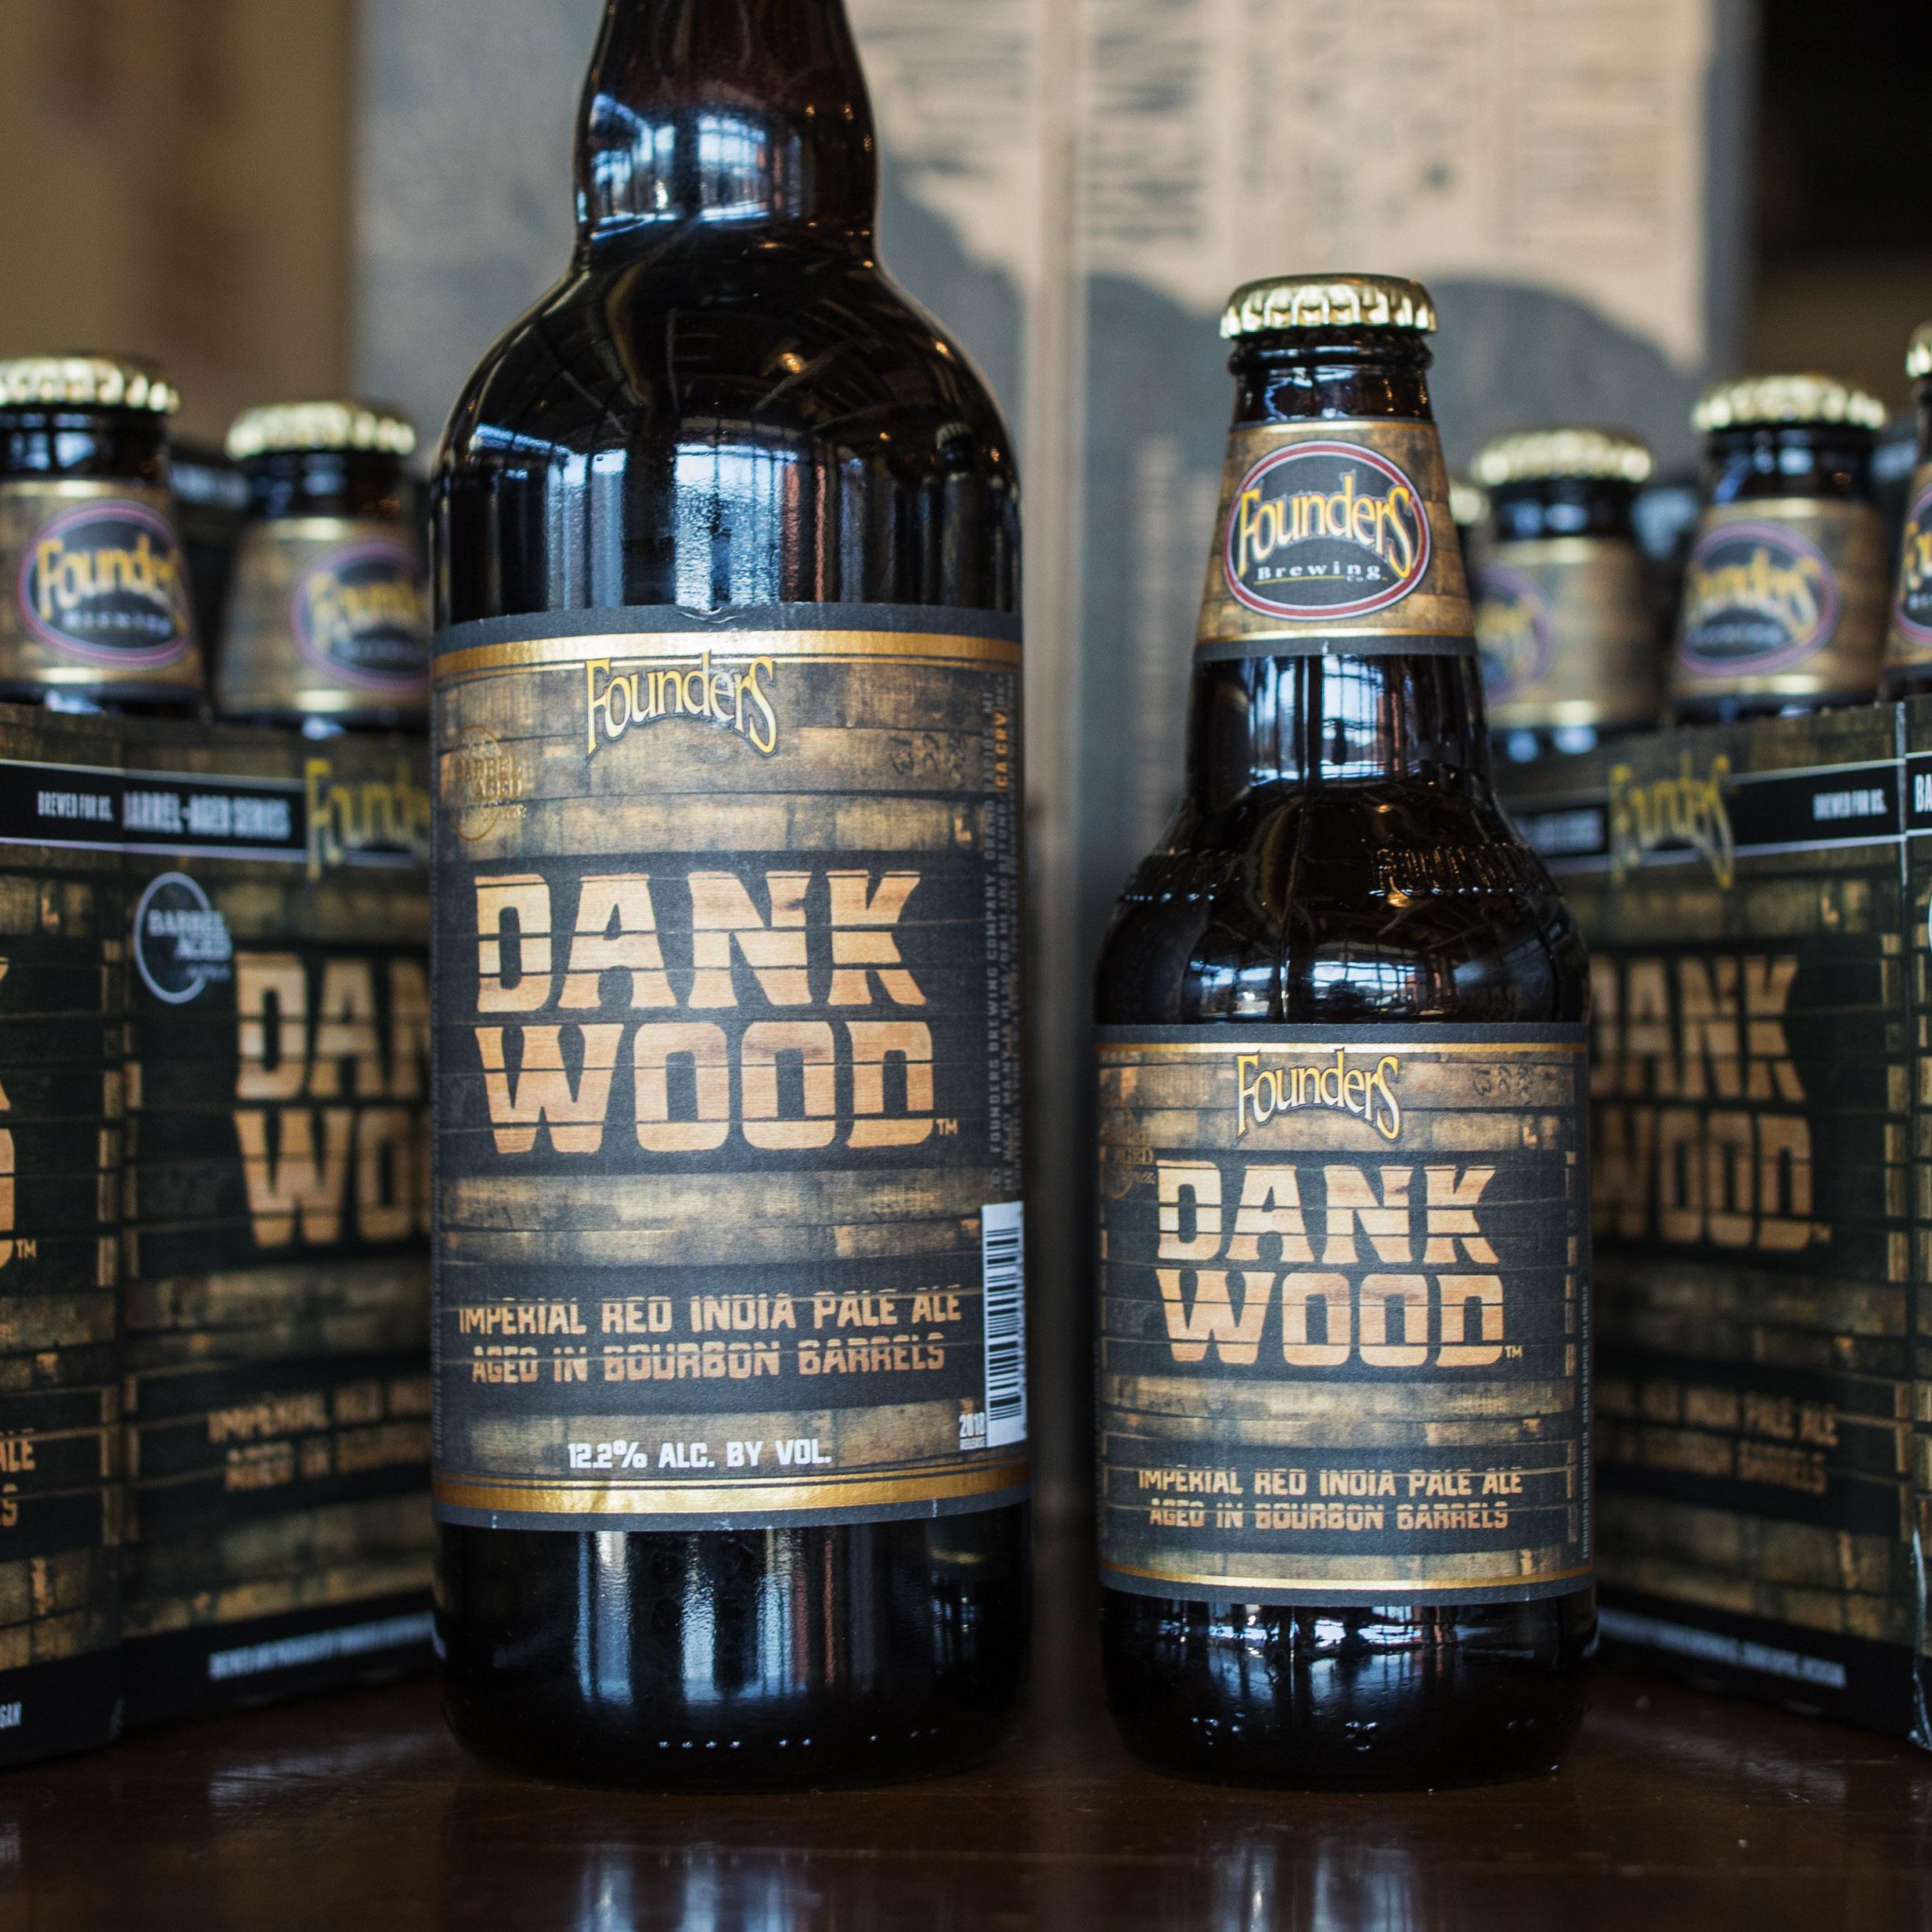 Bottles of Founders Dank Wood